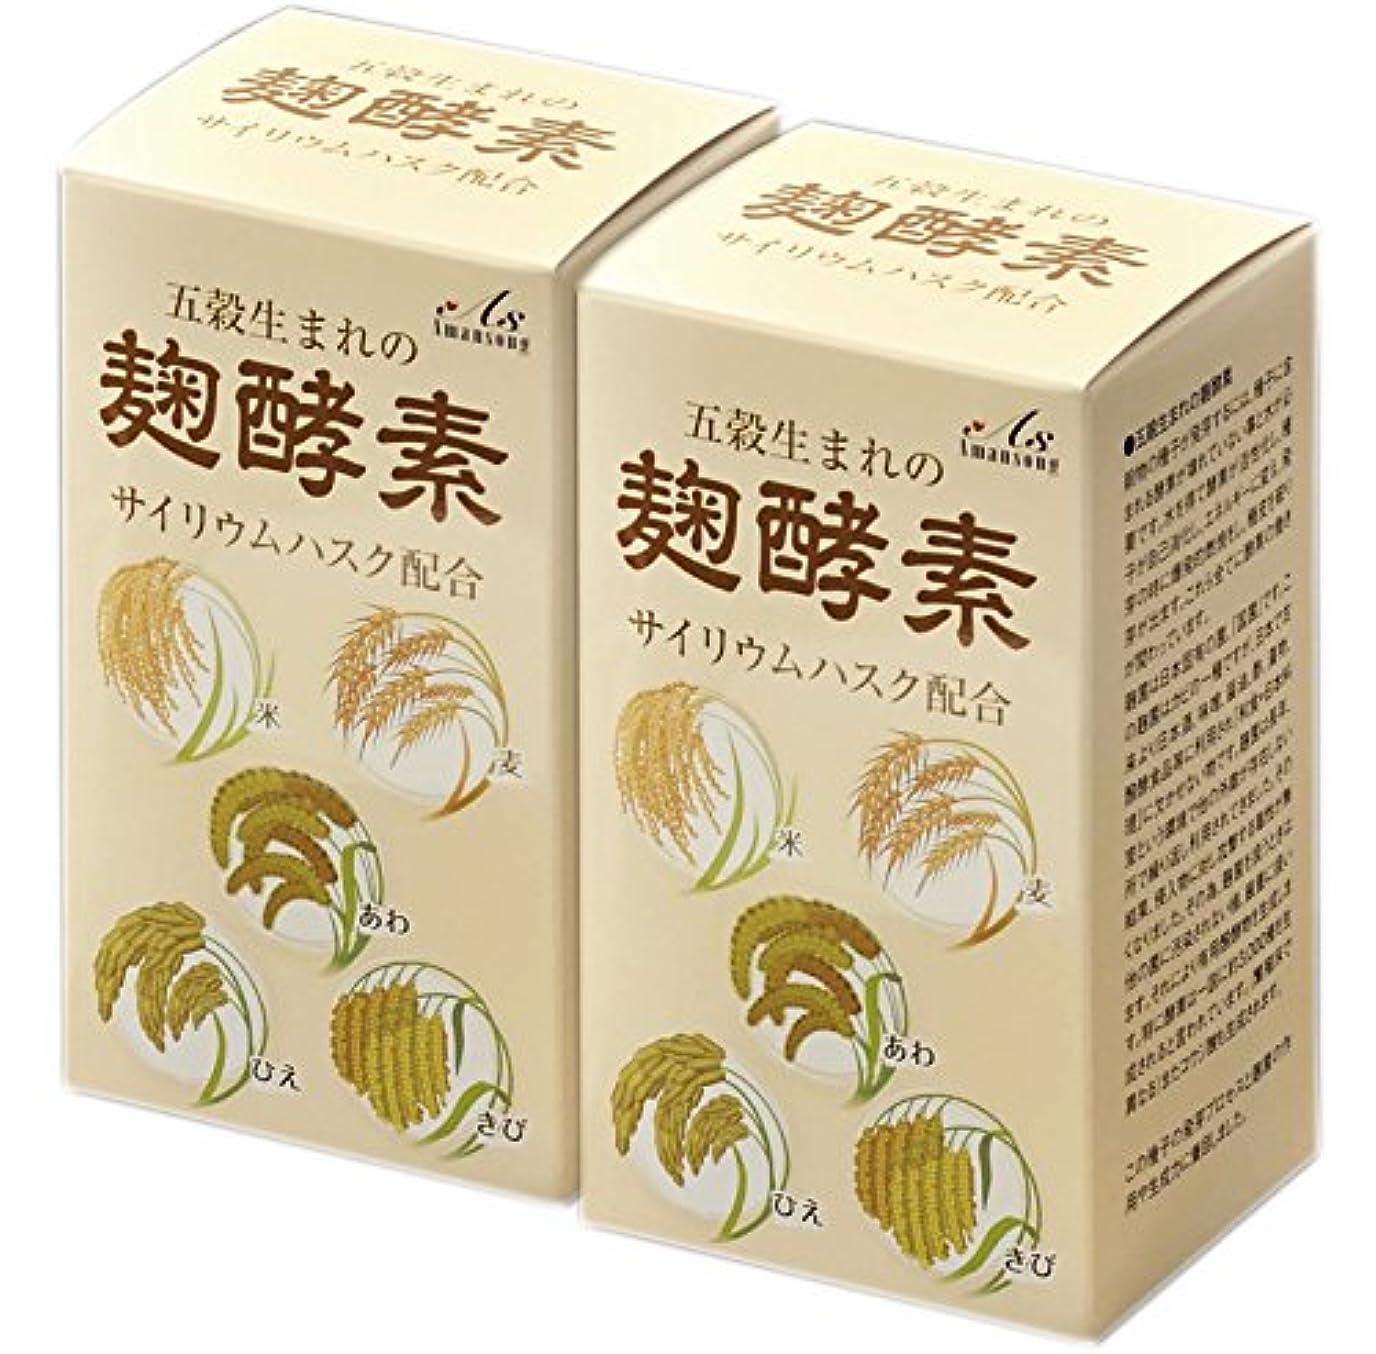 白内障謙虚ウェイドA?S 2箱セット五穀生まれの麹酵素 更に1箱プレゼント、更に「活きてる酵素だし」1袋プレゼント